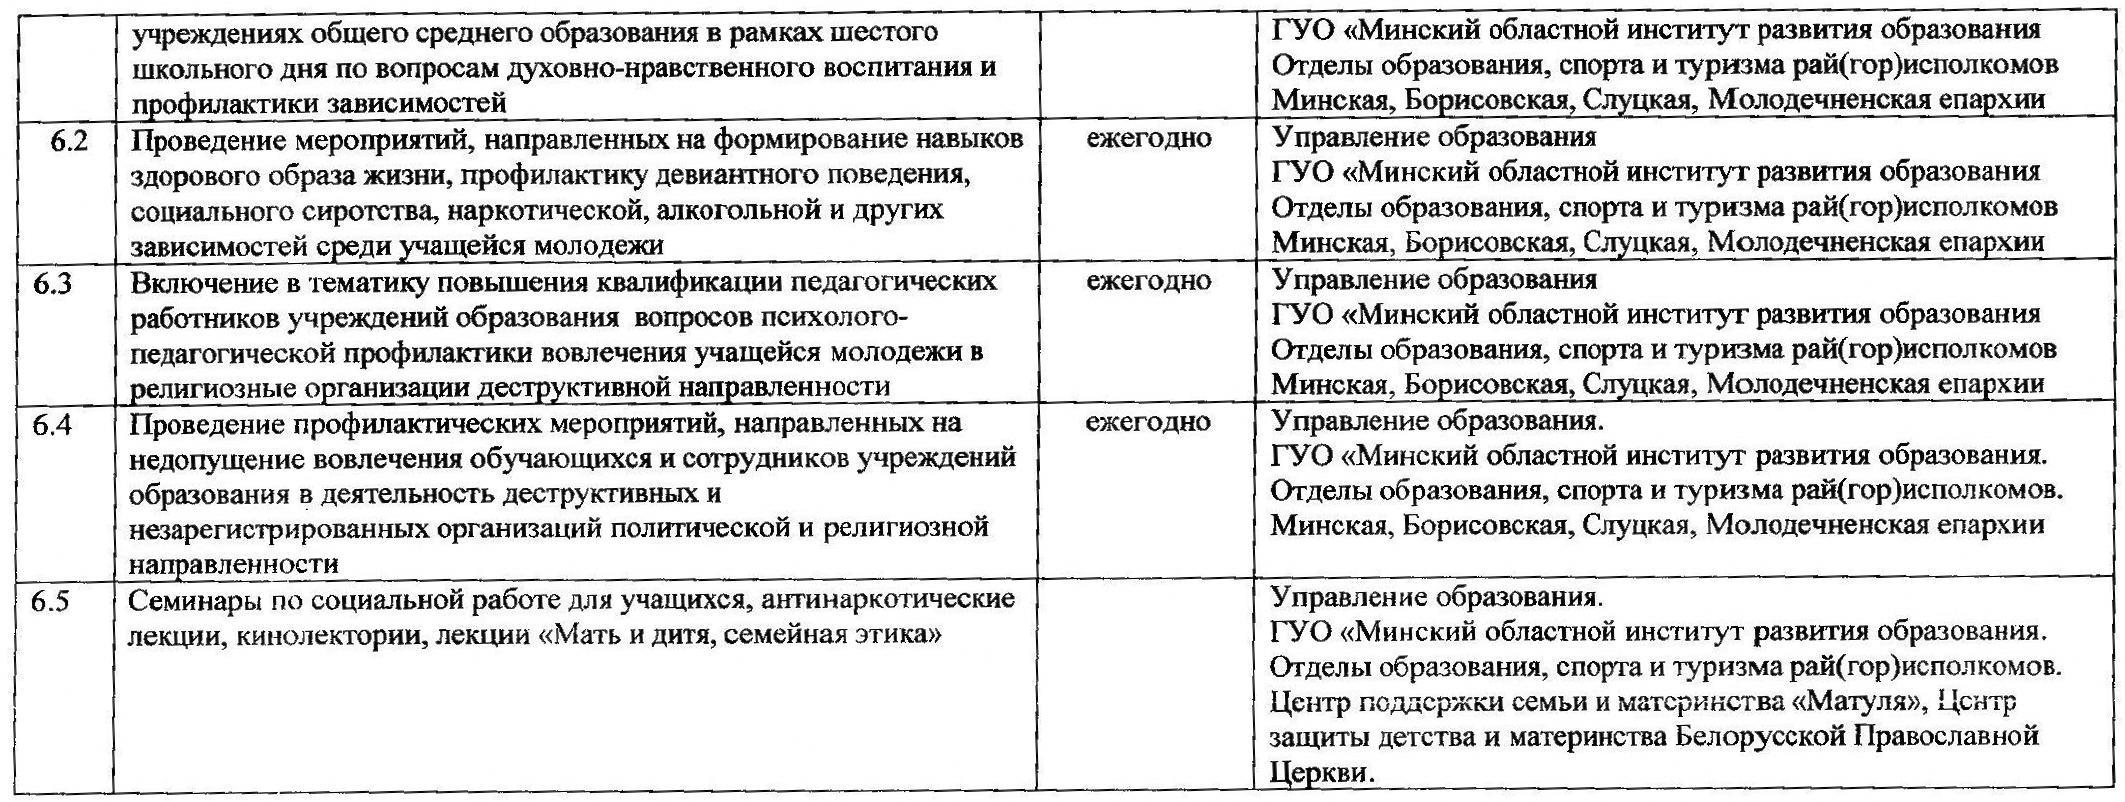 Программа сотрудничества Миноблисполкома и Минской митрополии в сфере образования (содержание)_Страница_7